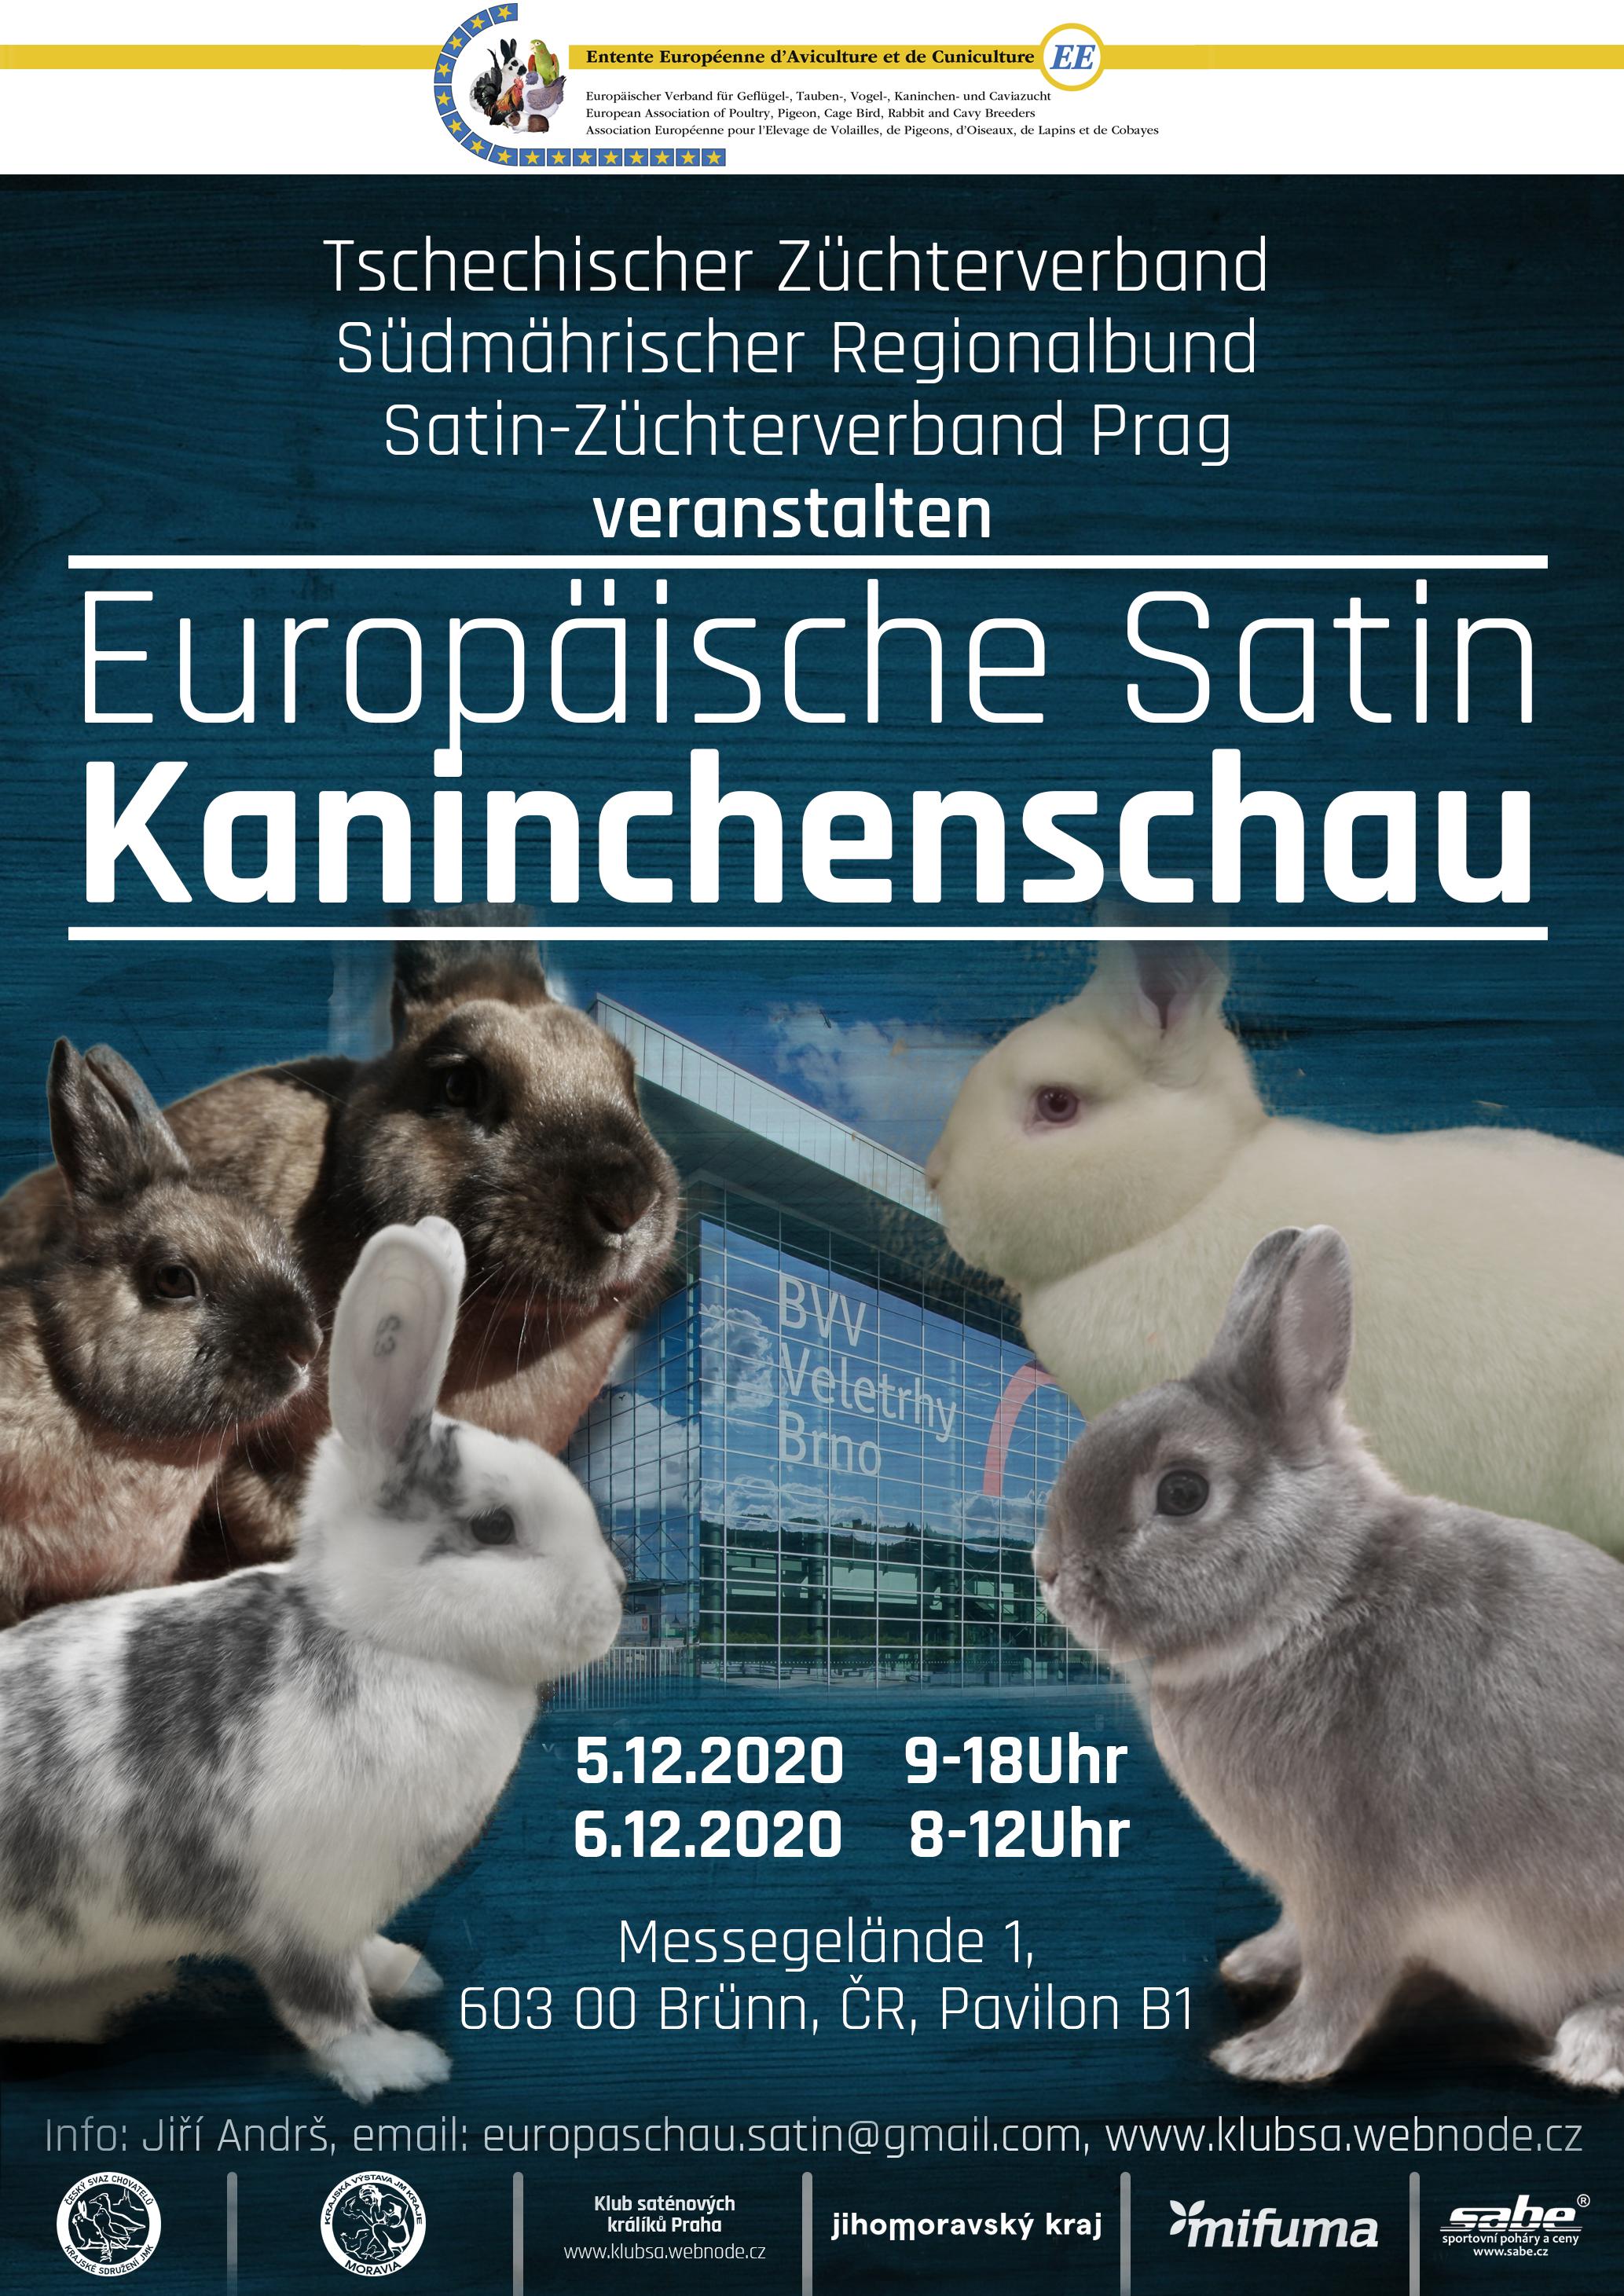 https://www.cschbohdalov.cz/europaschausatin2020/EEde.jpg